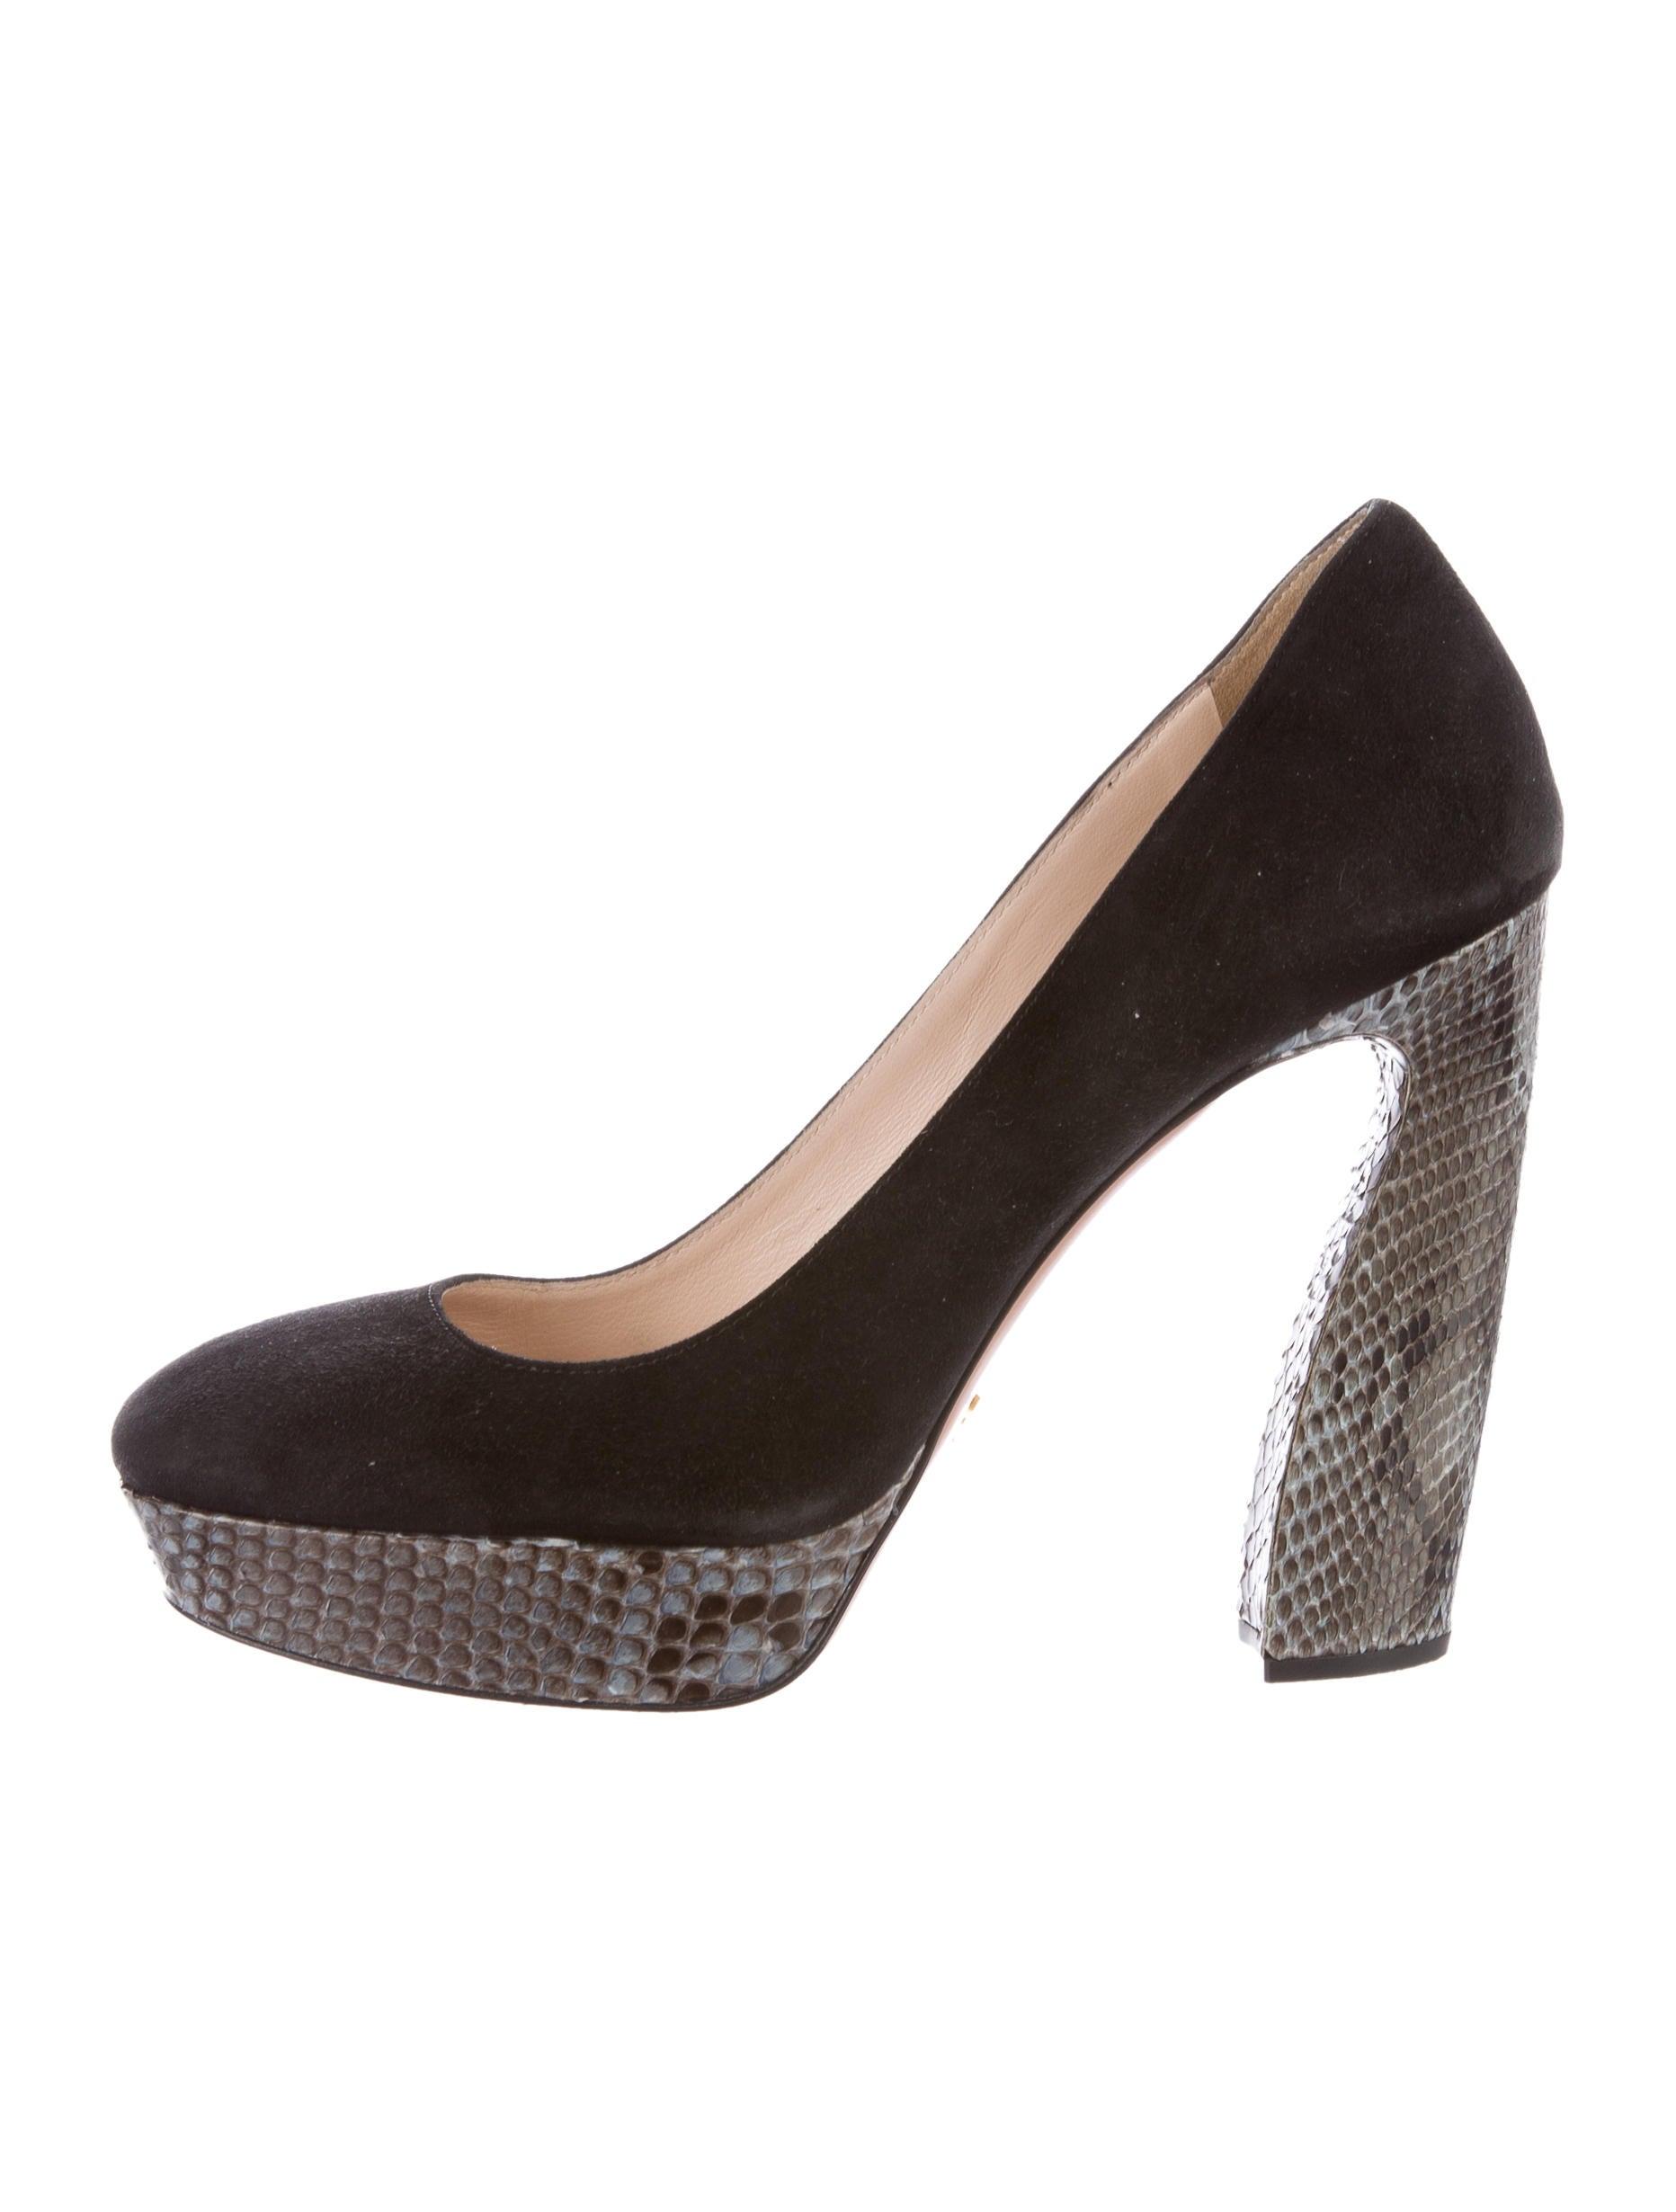 prada suede platform pumps shoes pra133456 the realreal